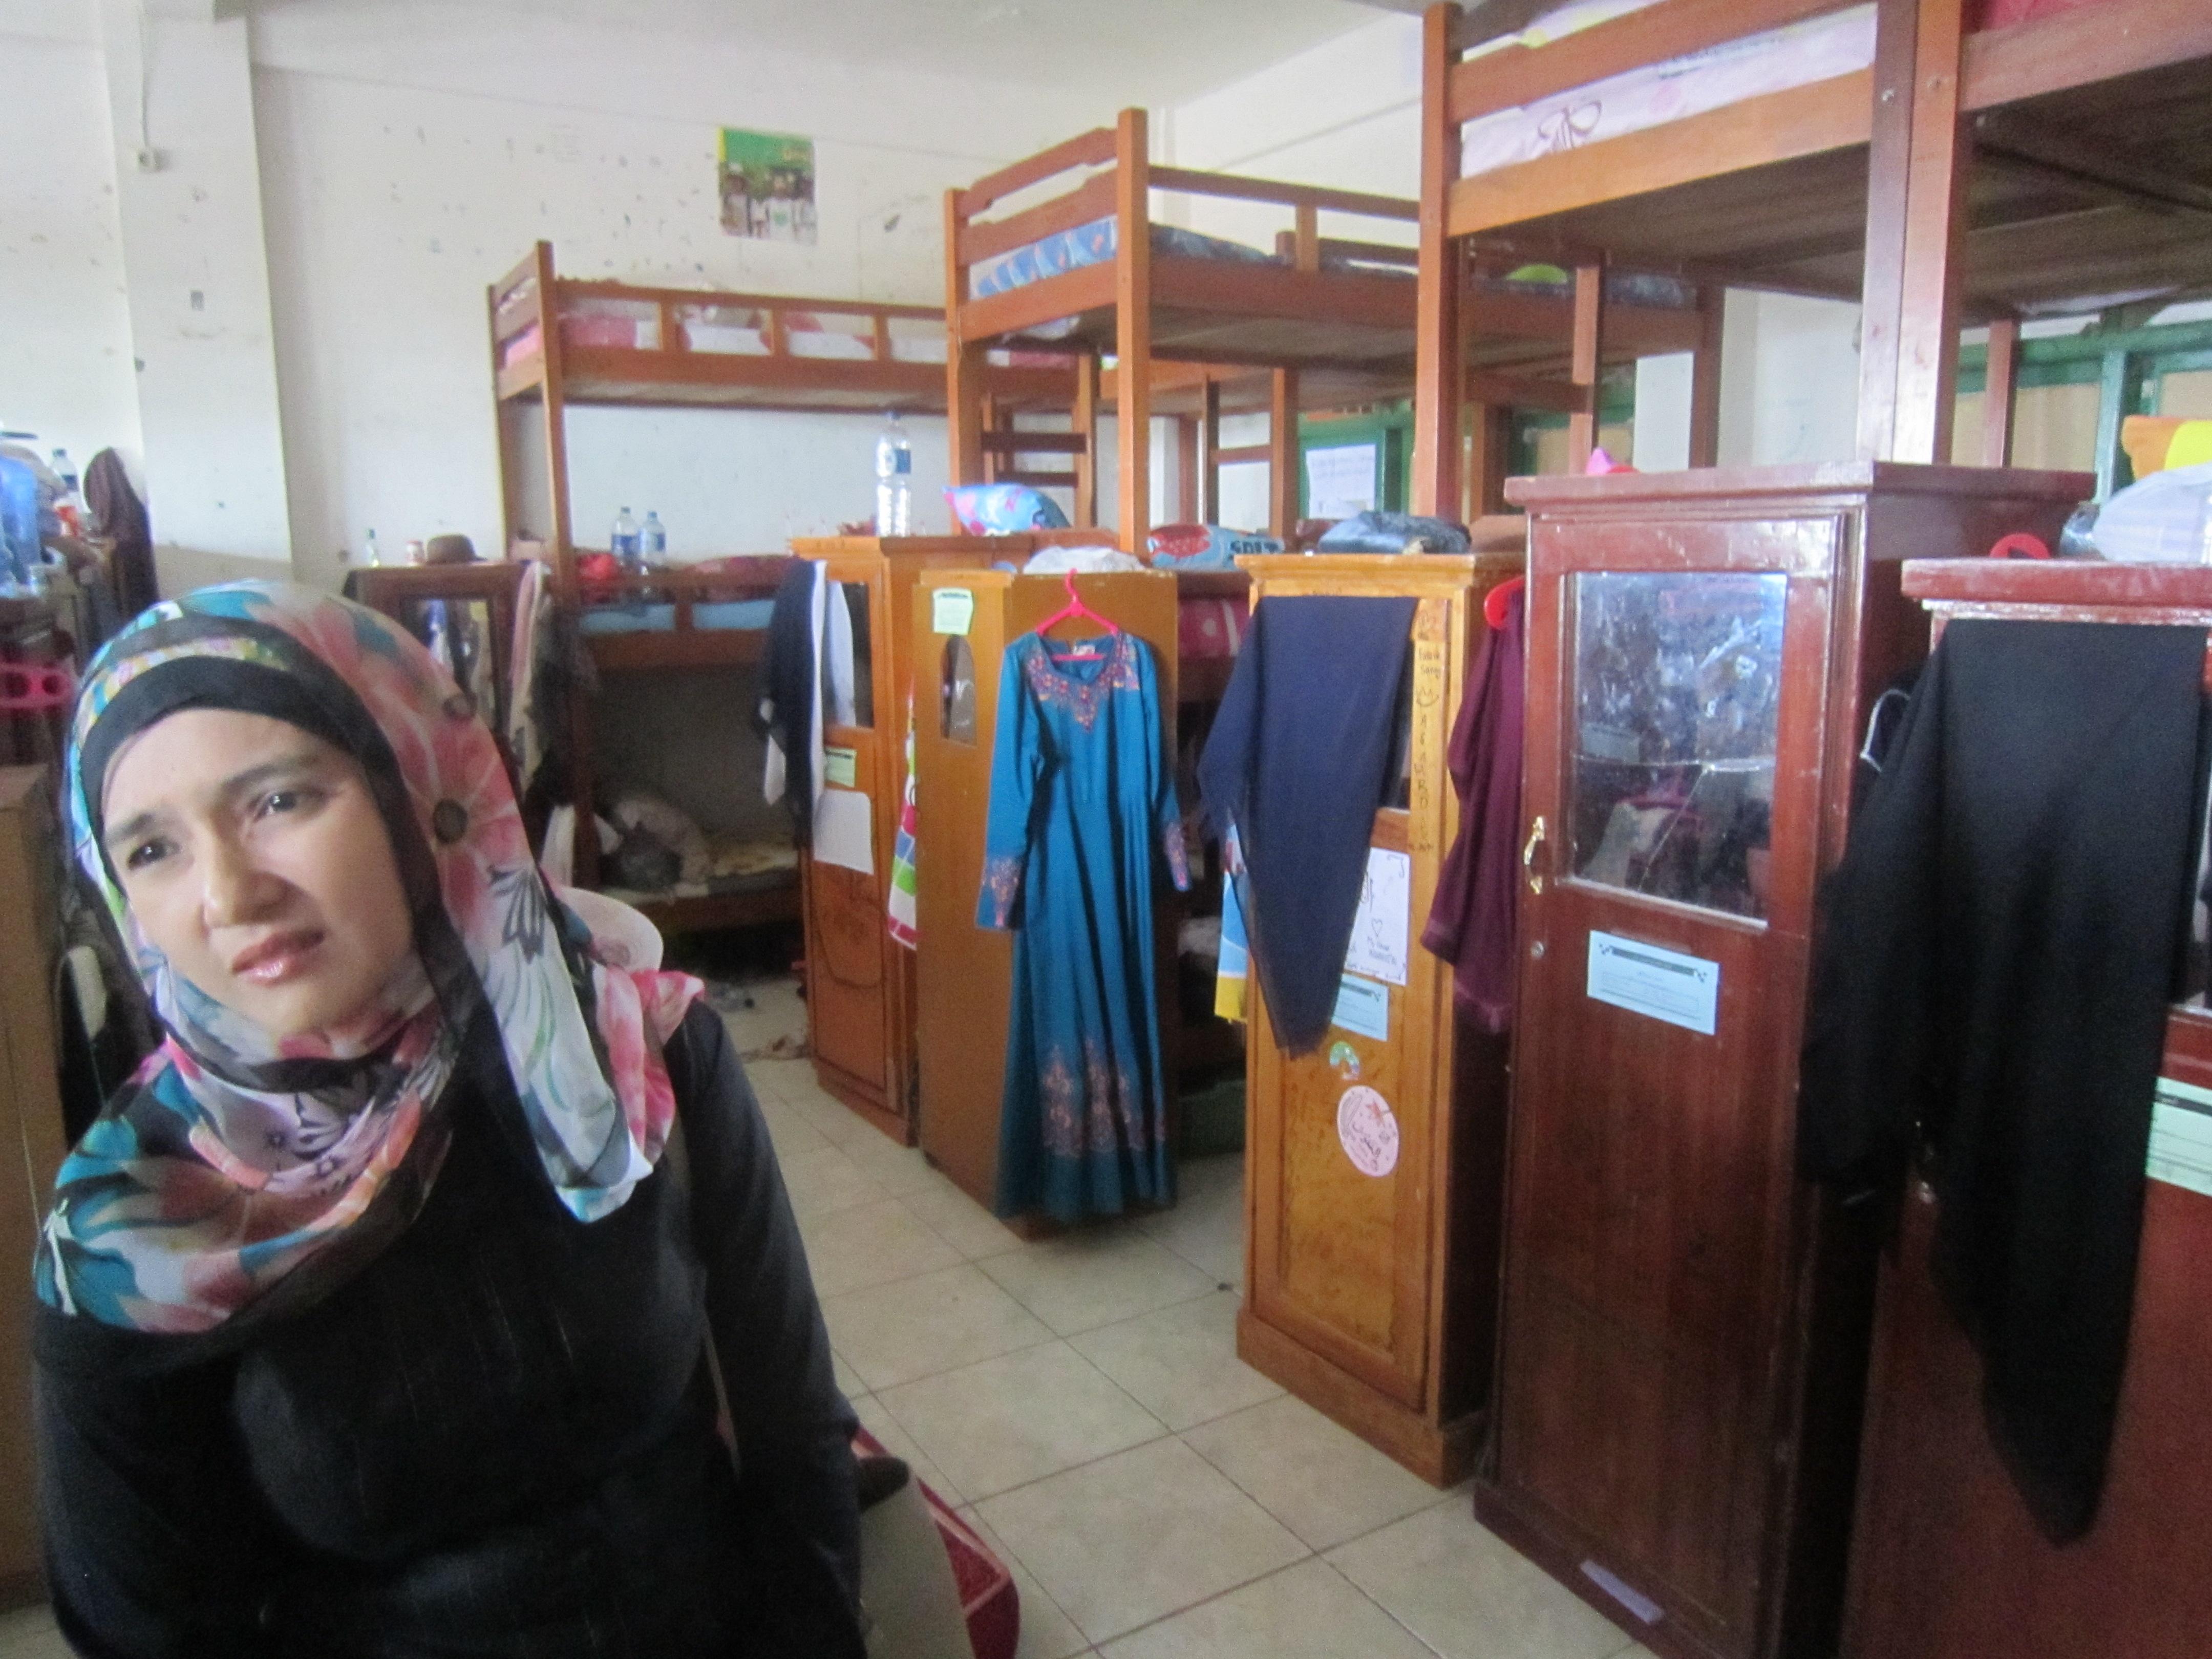 Stanza da durmir d'ina scola cun internat a Banda Aceh.